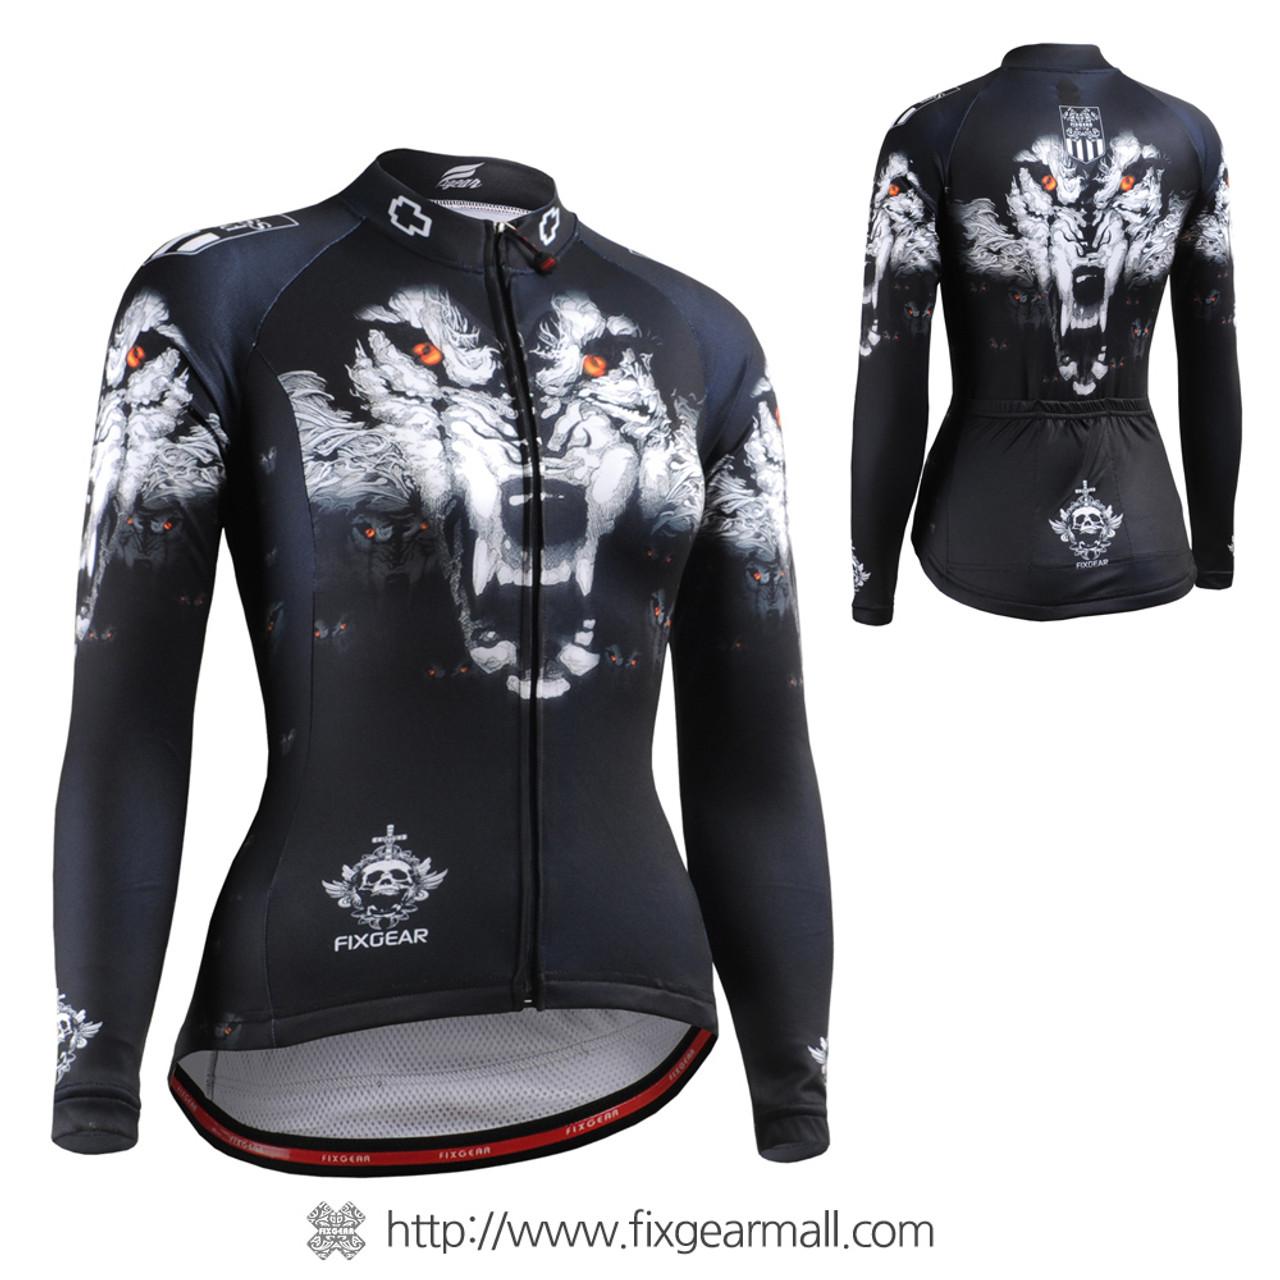 FIXGEAR womens cycling jersey skull longsleeve